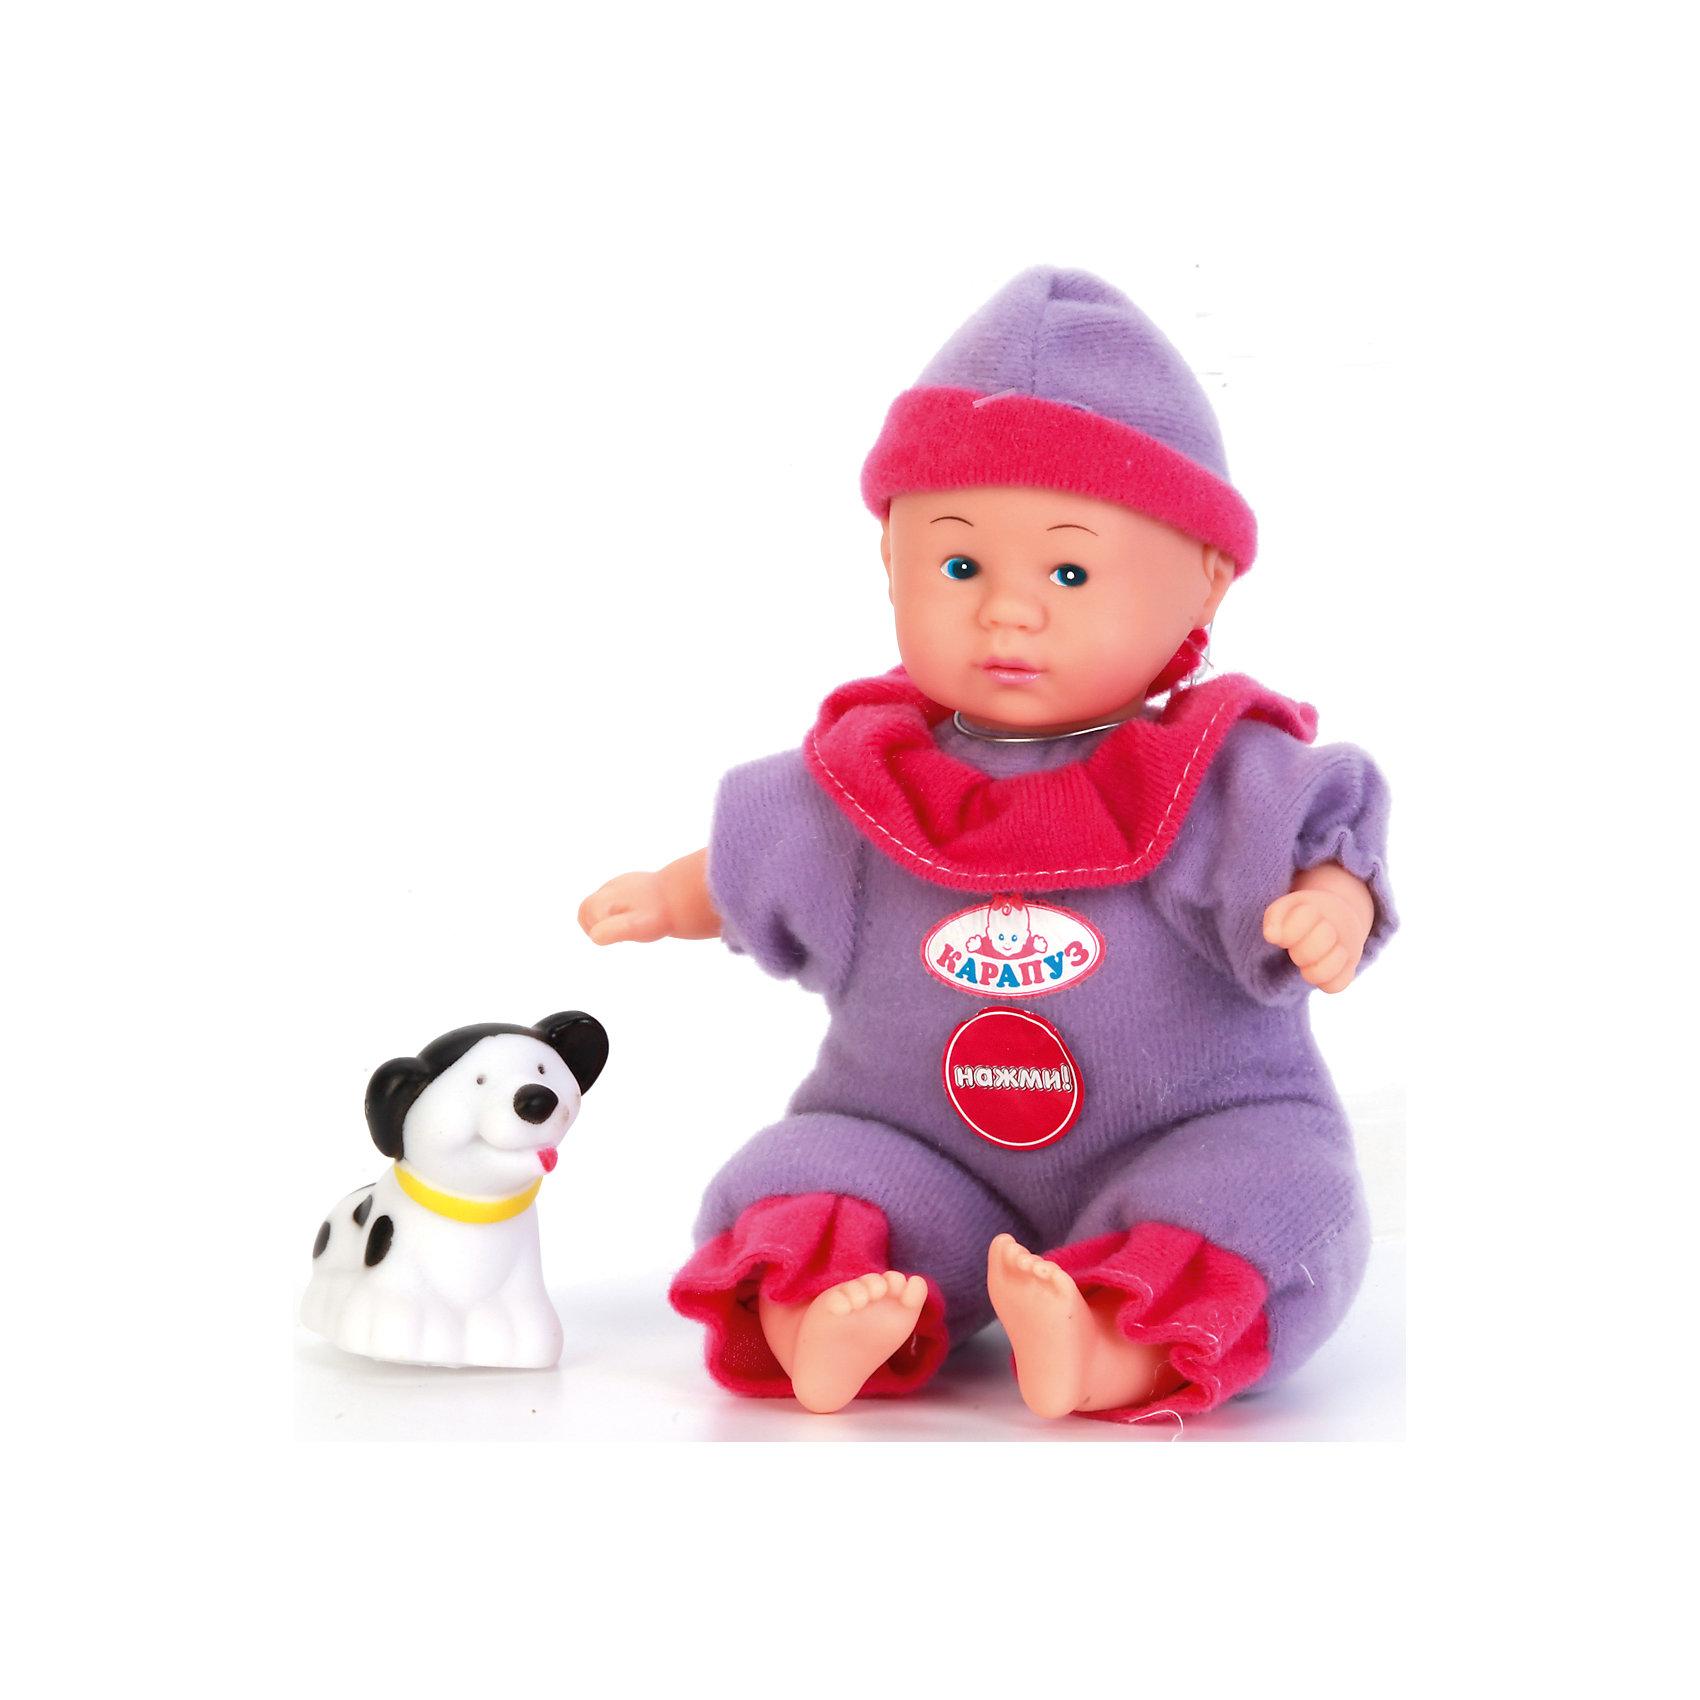 Пупс 20 см озвученный на батарейках, говорит 7 фраз, с аксессуарами, КарапузИнтерактивные куклы<br>Красивый пупс станет не только любимой игрушкой девочек, а также и их вымышленным ребёнком, о котором можно заботиться. Кукла выглядит очень реалистично благодаря детально проработанным складочкам на теле и выразительным чертам лица. Игрушка озвучена, поэтому при нажатии на грудь она произносит одну из 7 фраз. У пупса подвижные части тела (голова, ноги, руки), поэтому его можно сажать на стульчик или класть в корзинку с пелёнкой, которая предусмотрена в комплекте.<br><br>Ширина мм: 52<br>Глубина мм: 43<br>Высота мм: 71<br>Вес г: 250<br>Возраст от месяцев: 36<br>Возраст до месяцев: 60<br>Пол: Женский<br>Возраст: Детский<br>SKU: 6863991